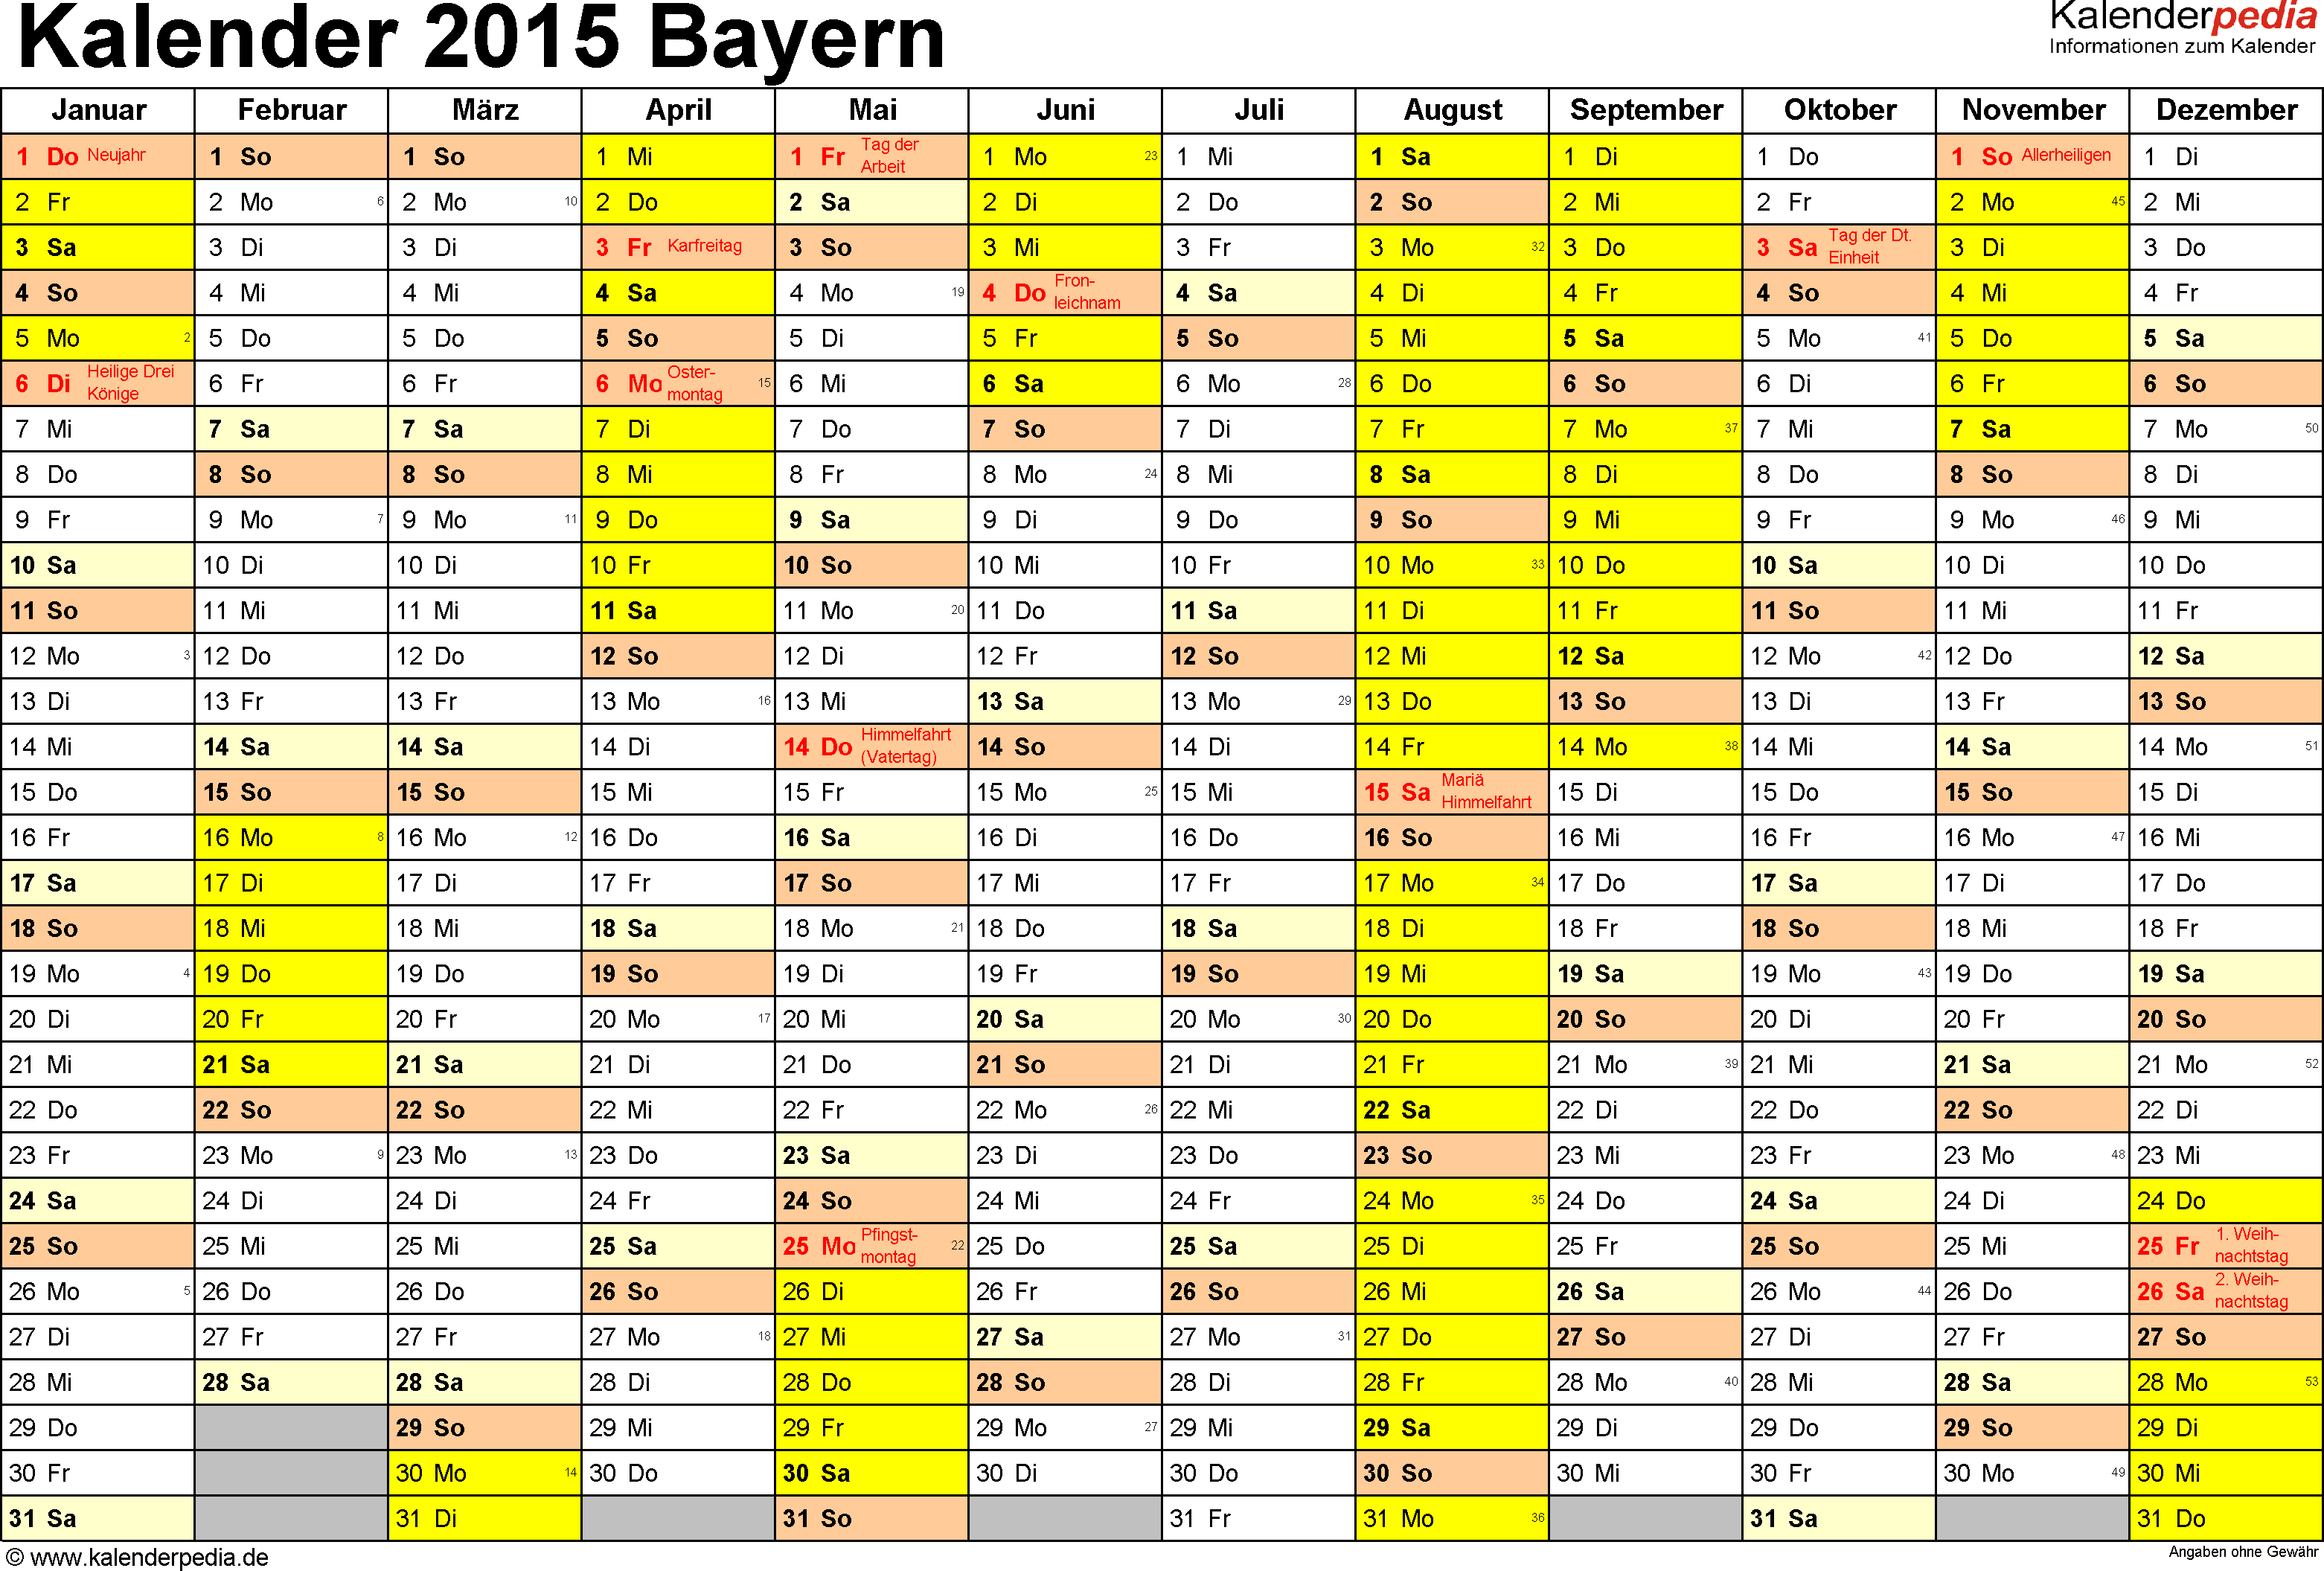 Vorlage 1: Kalender 2015 für Bayern als PDF-Vorlagen (Querformat, 1 Seite)